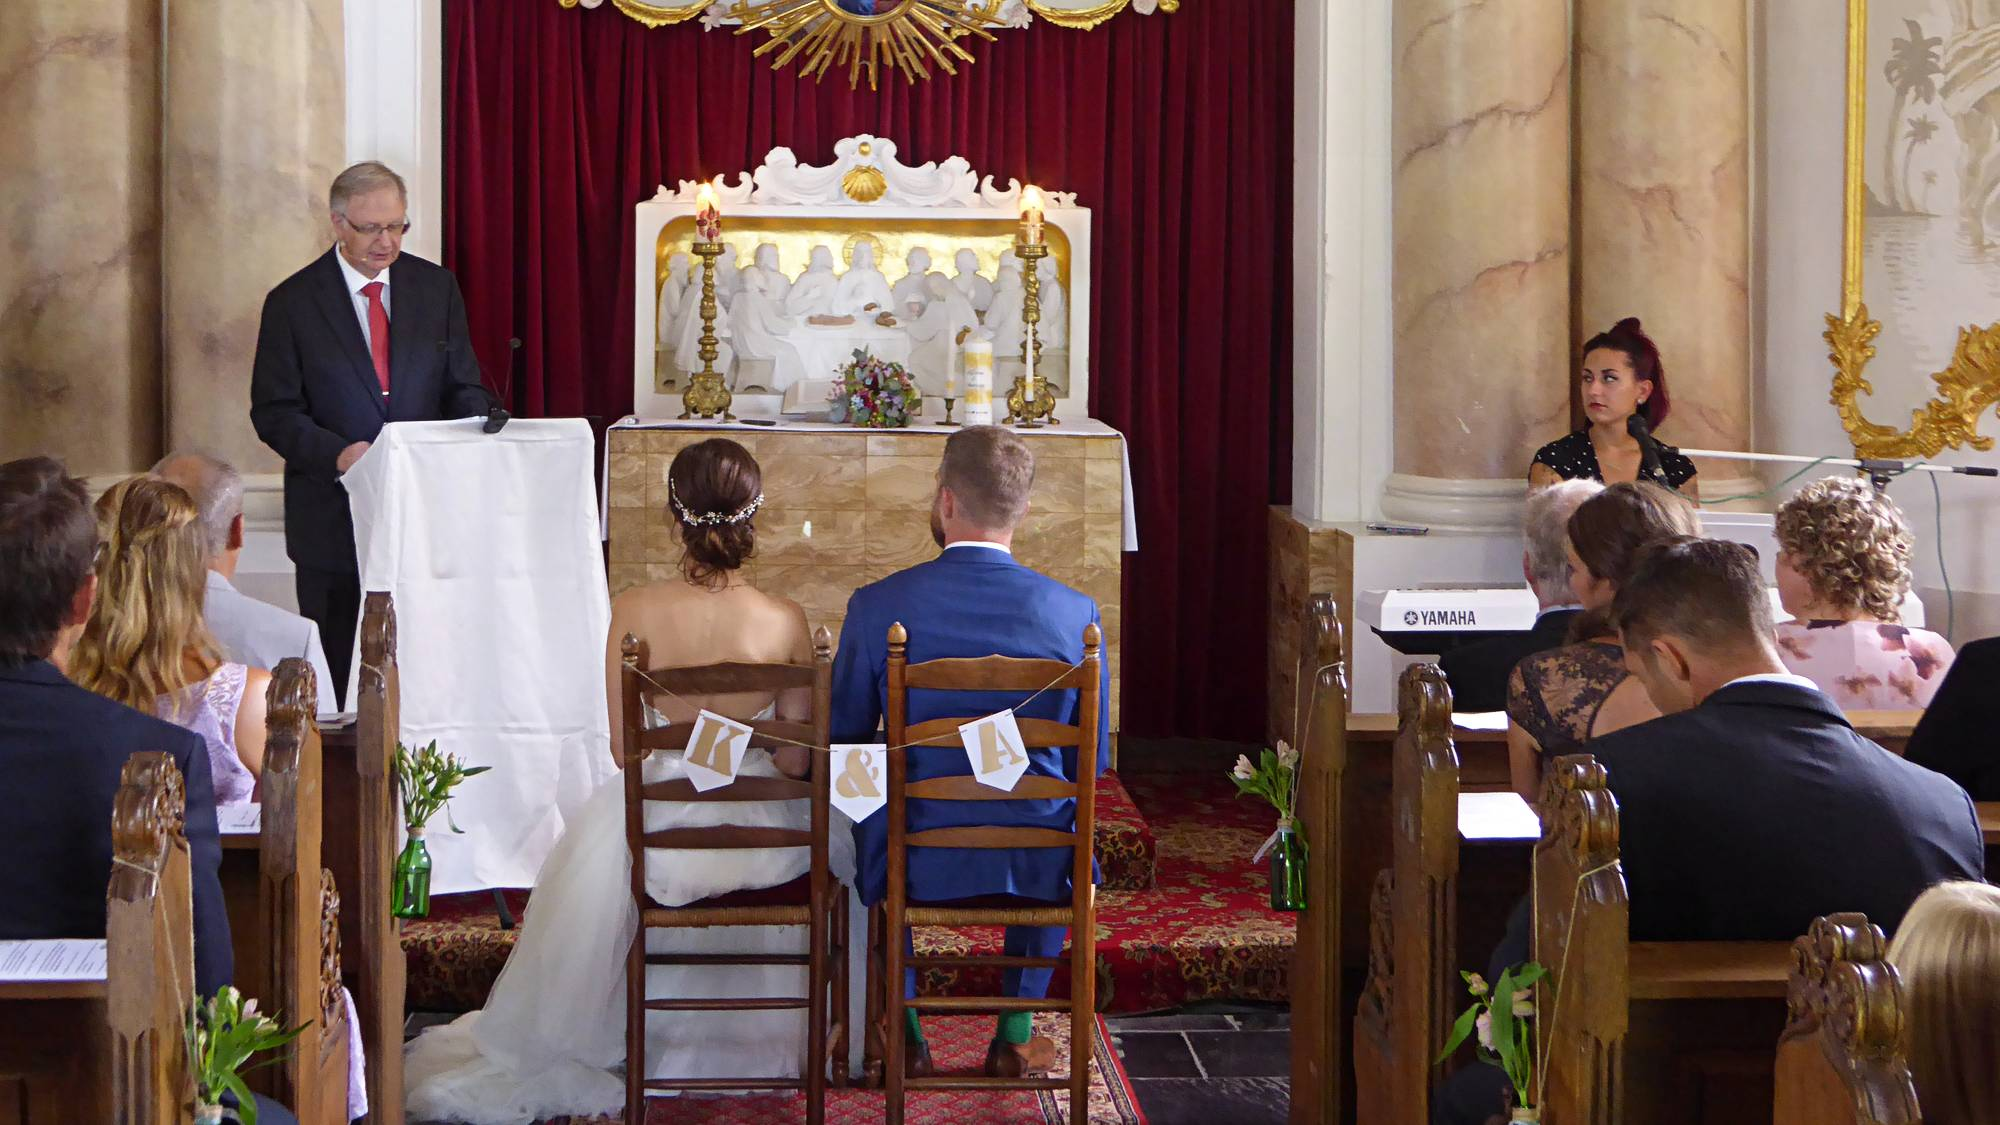 Sitzordnung bei der freien Trauung in einer Kirche